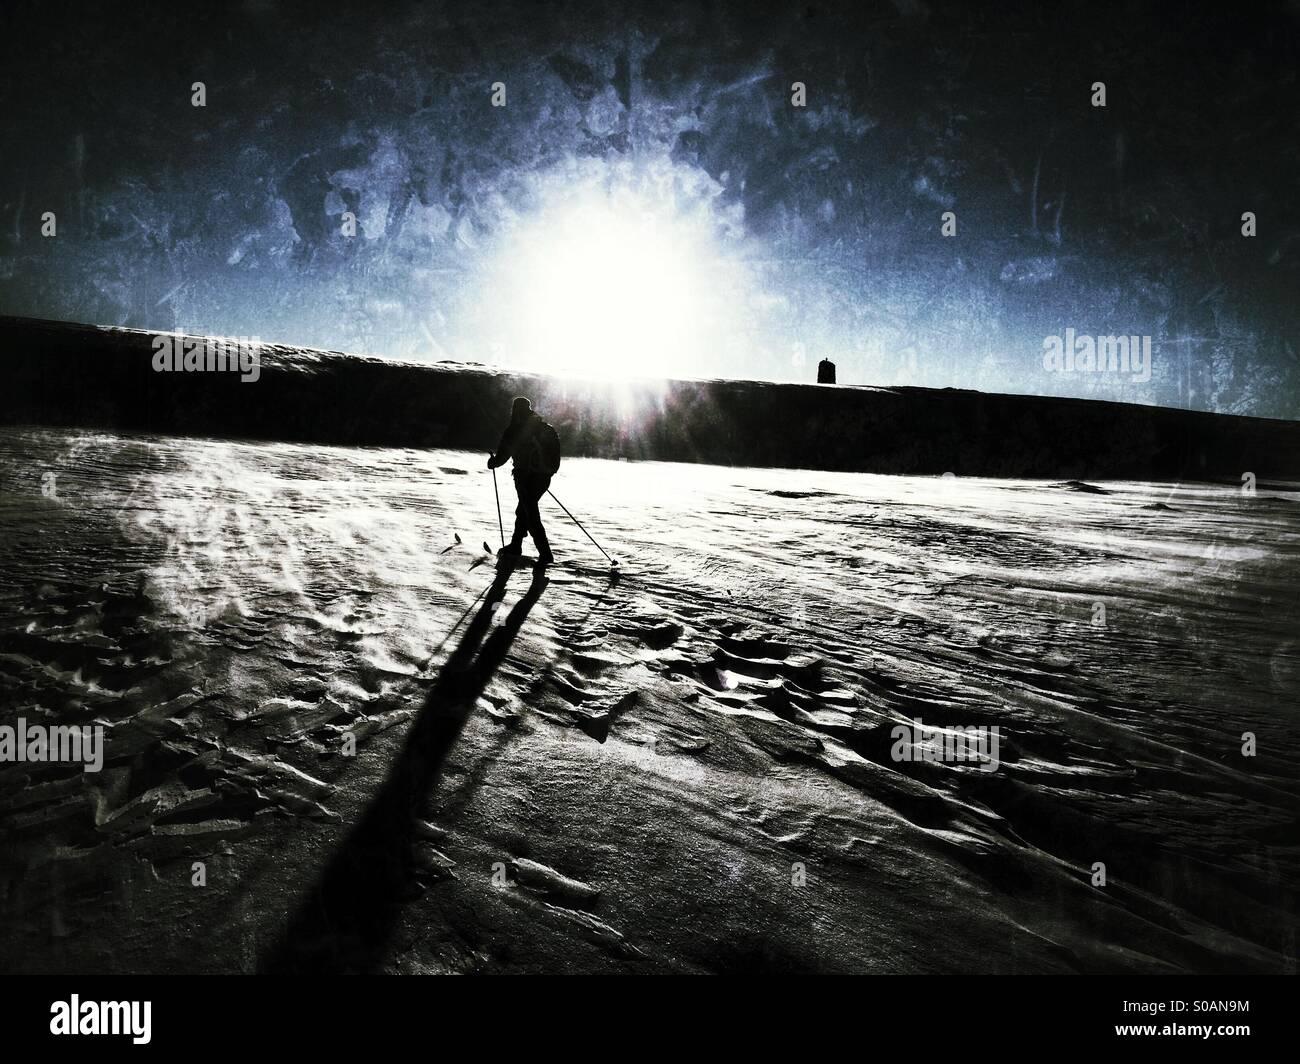 Skieur nordique passe le ski de fond dans le soleil jette une ombre. Photo Stock